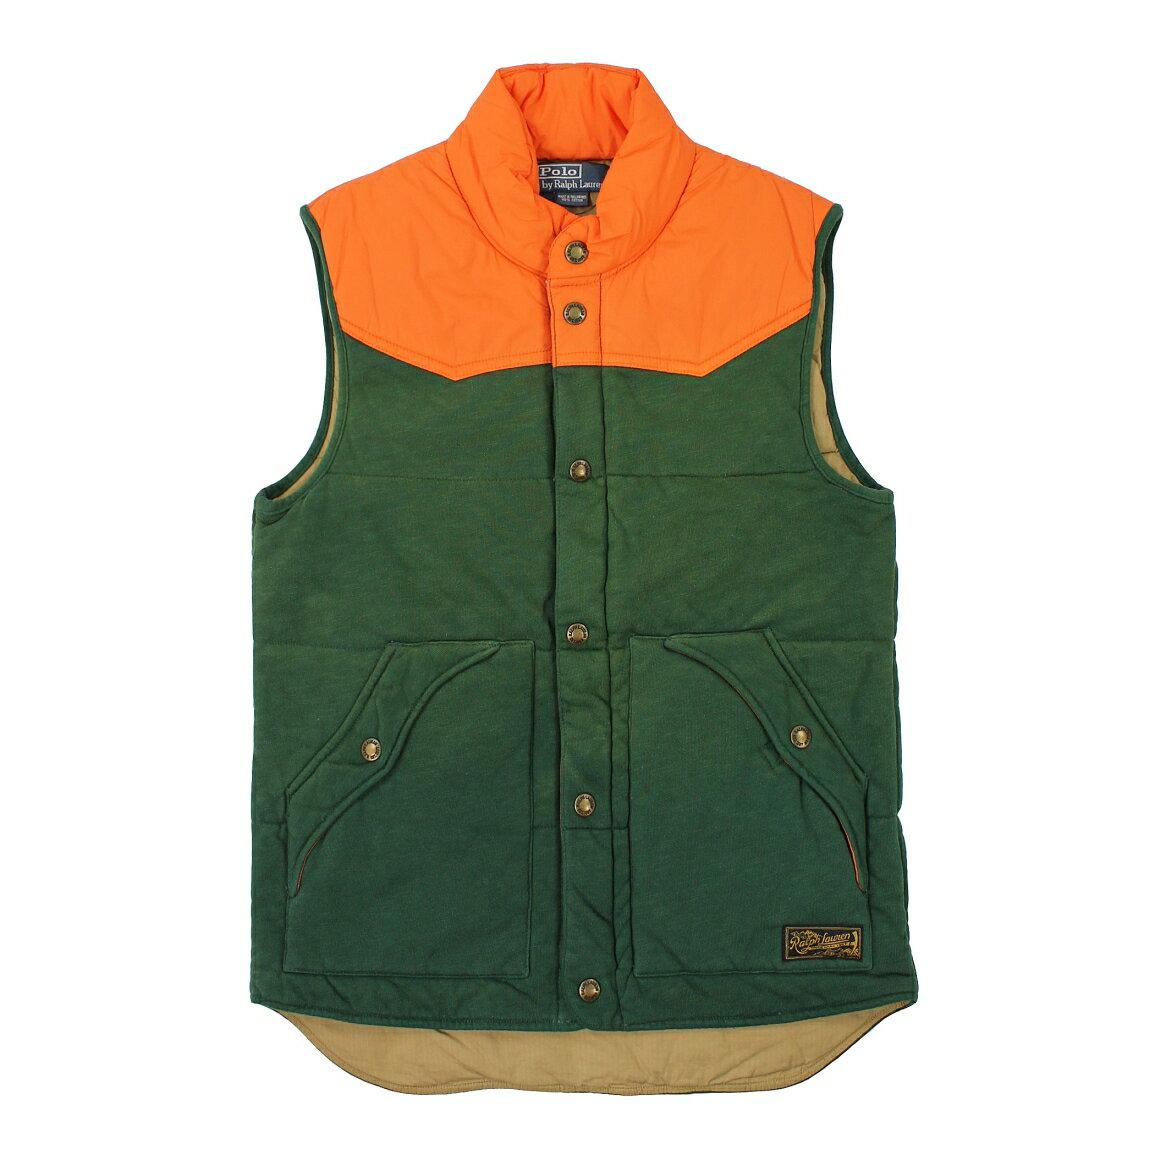 美國百分百【全新真品】Ralph Lauren 背心 RL 外套 鋪棉 Polo 防風 拉鏈 綠 橘 皮革 男 M A866